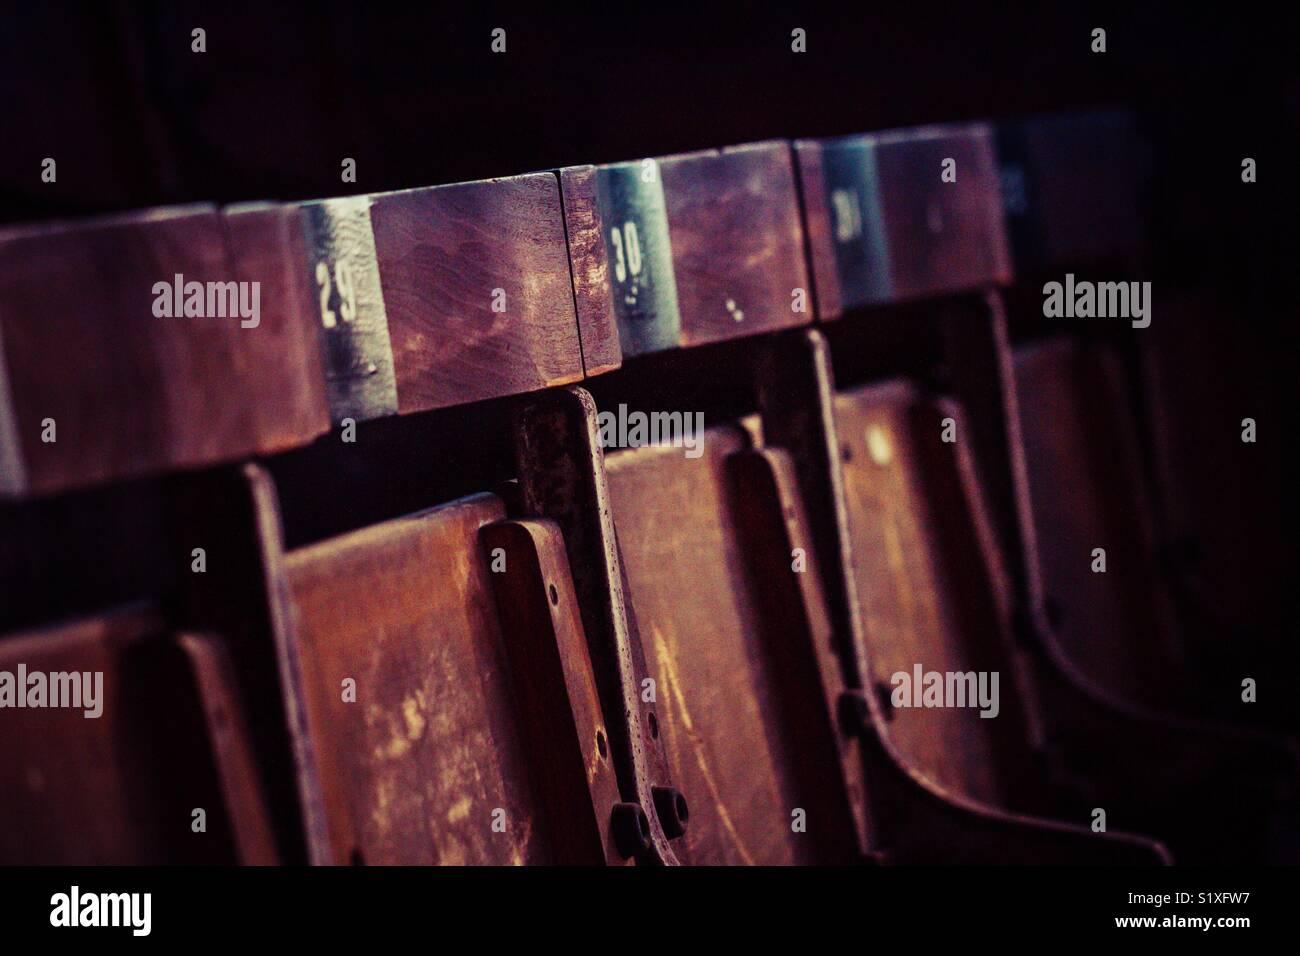 Una fila de asientos de madera dura con números en un estadio de fútbol vacío en la noche Imagen De Stock